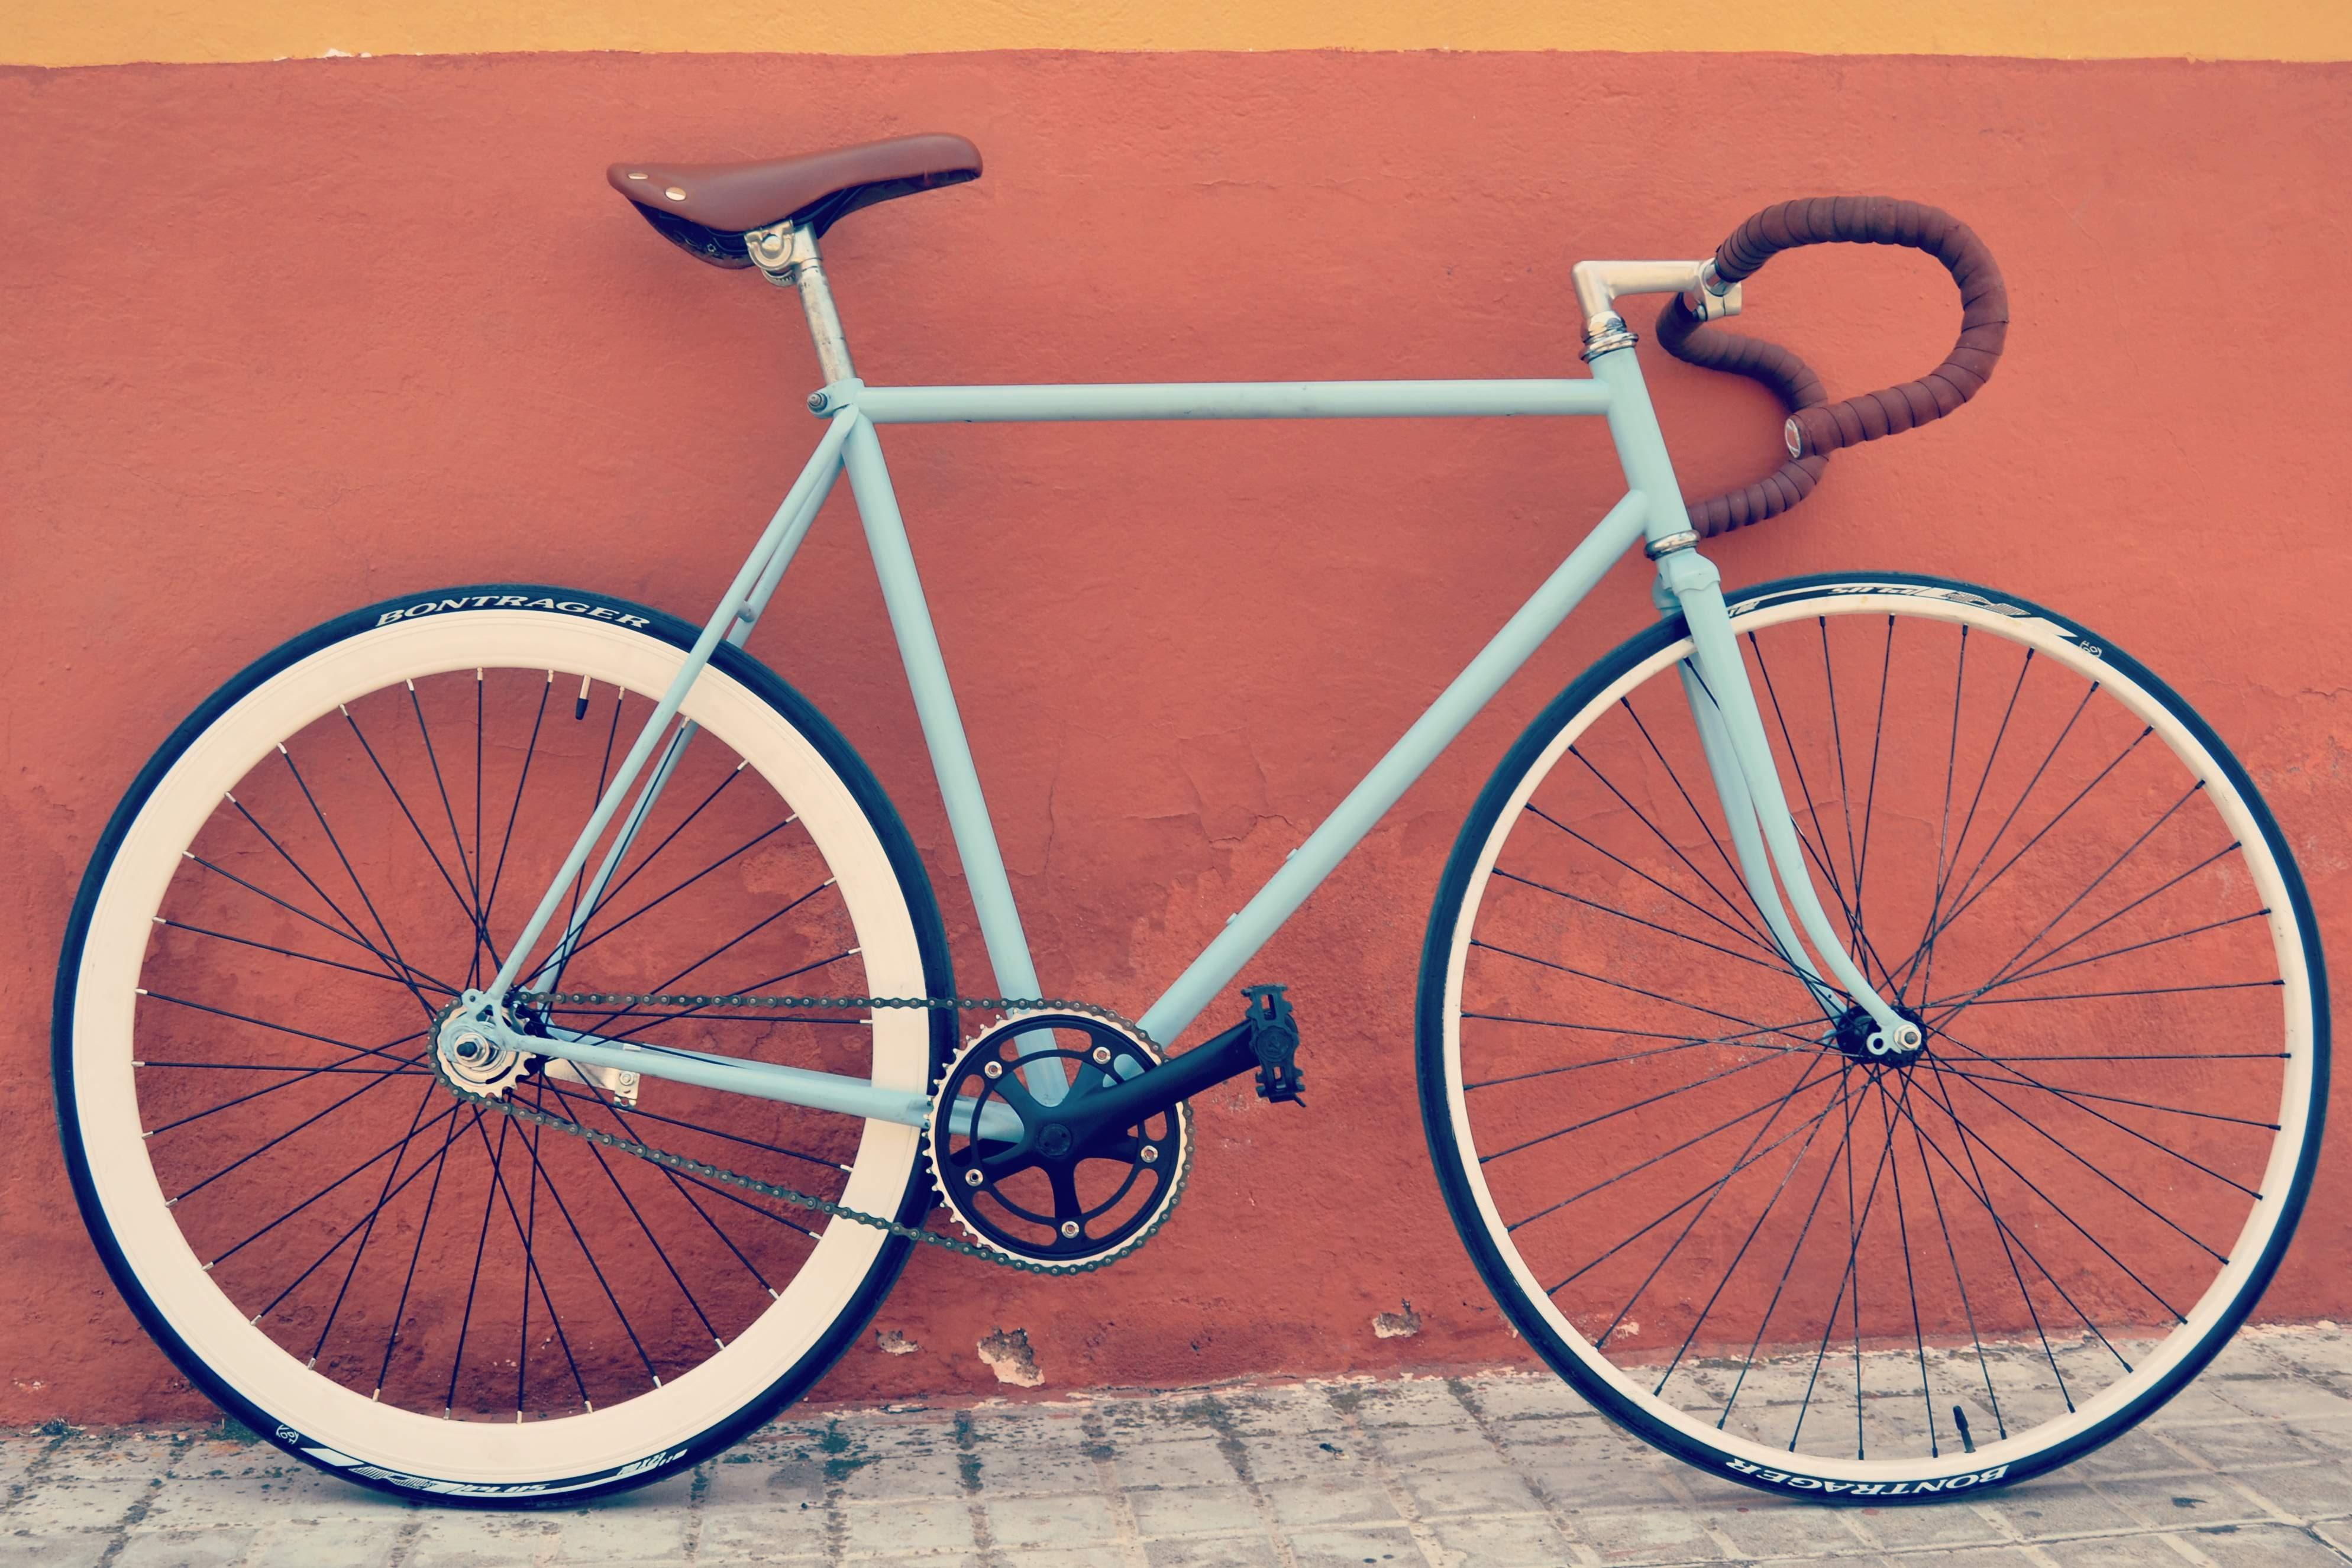 teal and grey road bike